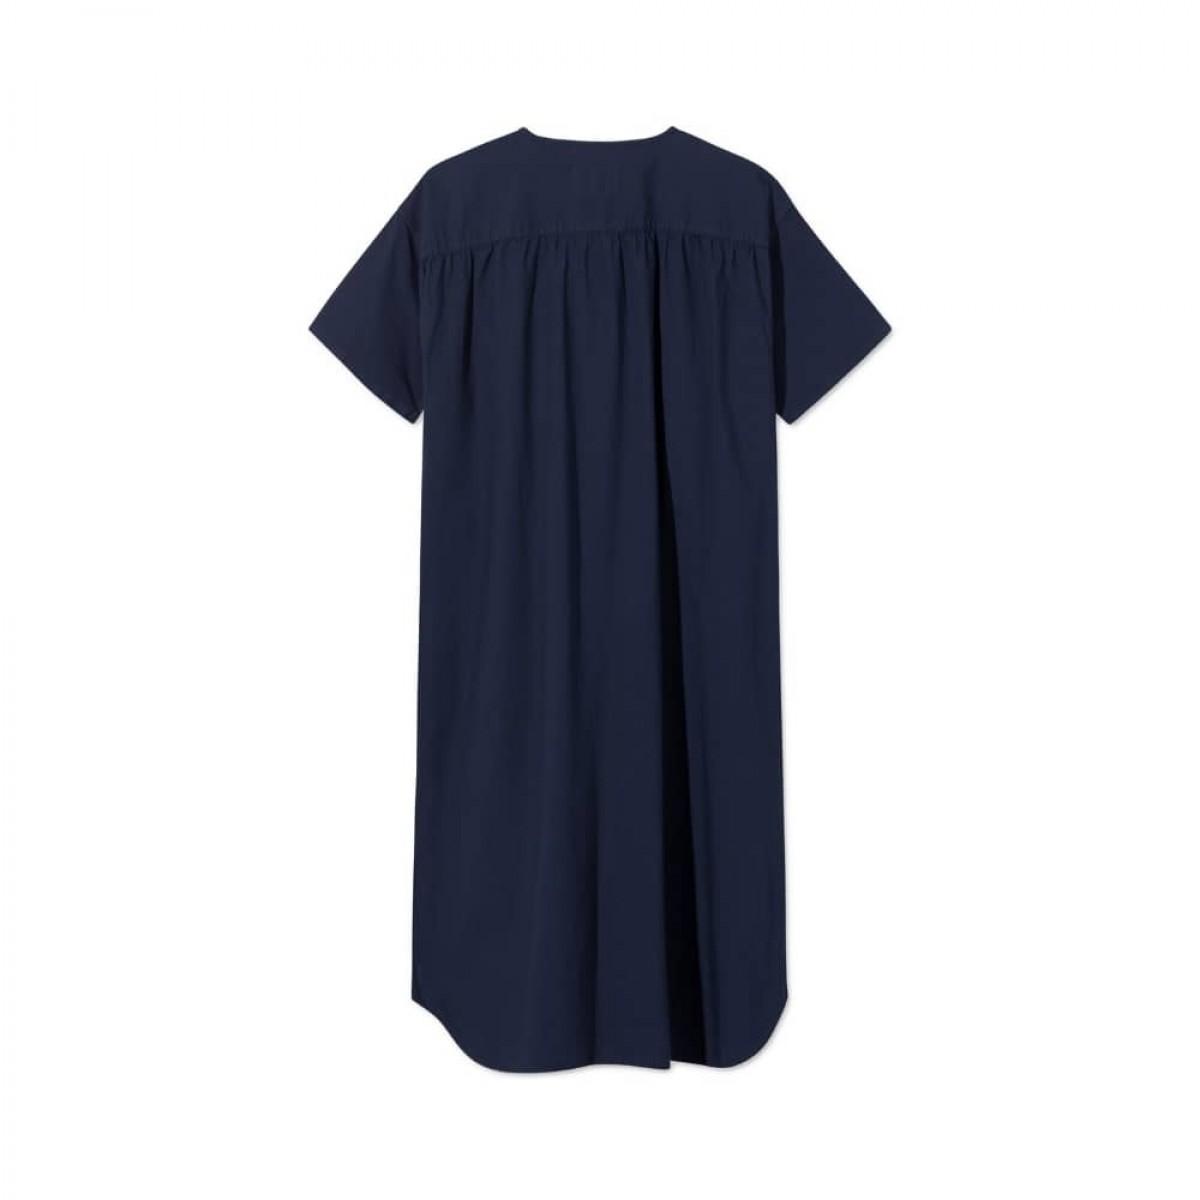 deluna kjole - dark navy - ryg